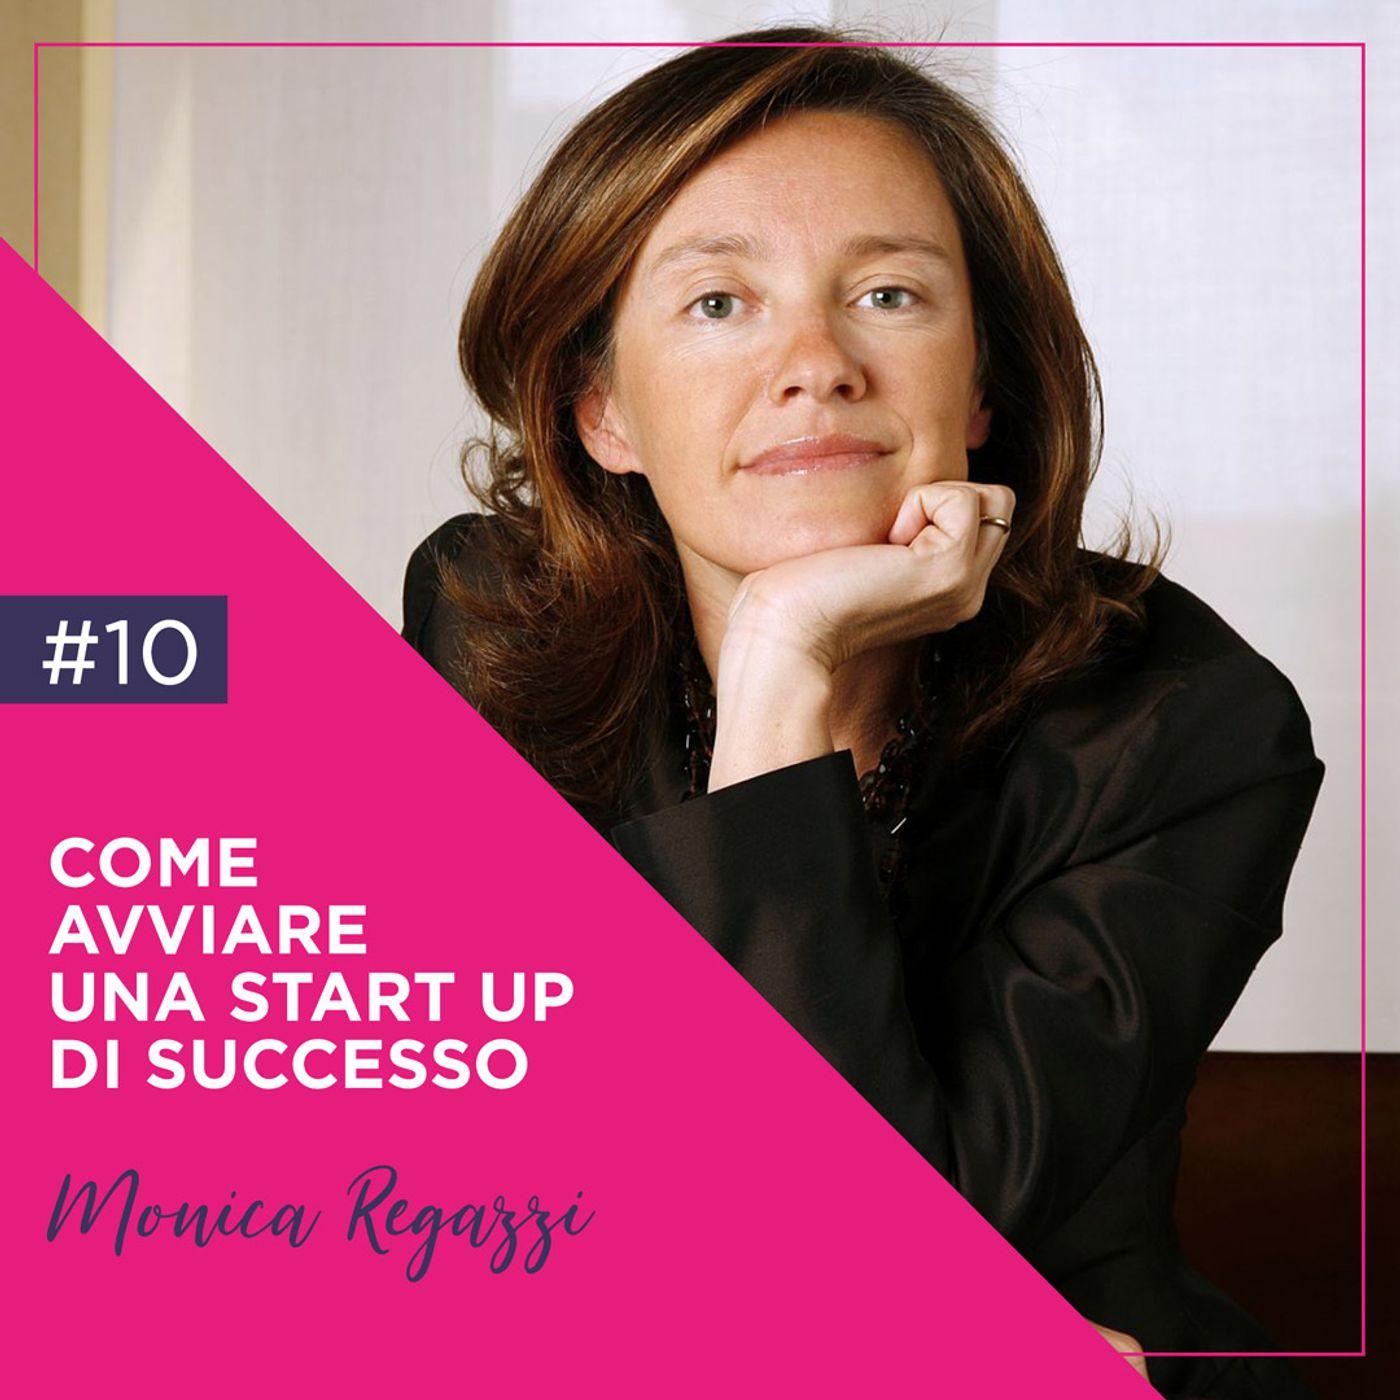 Come Avviare una Start Up di Successo con Monica Regazzi